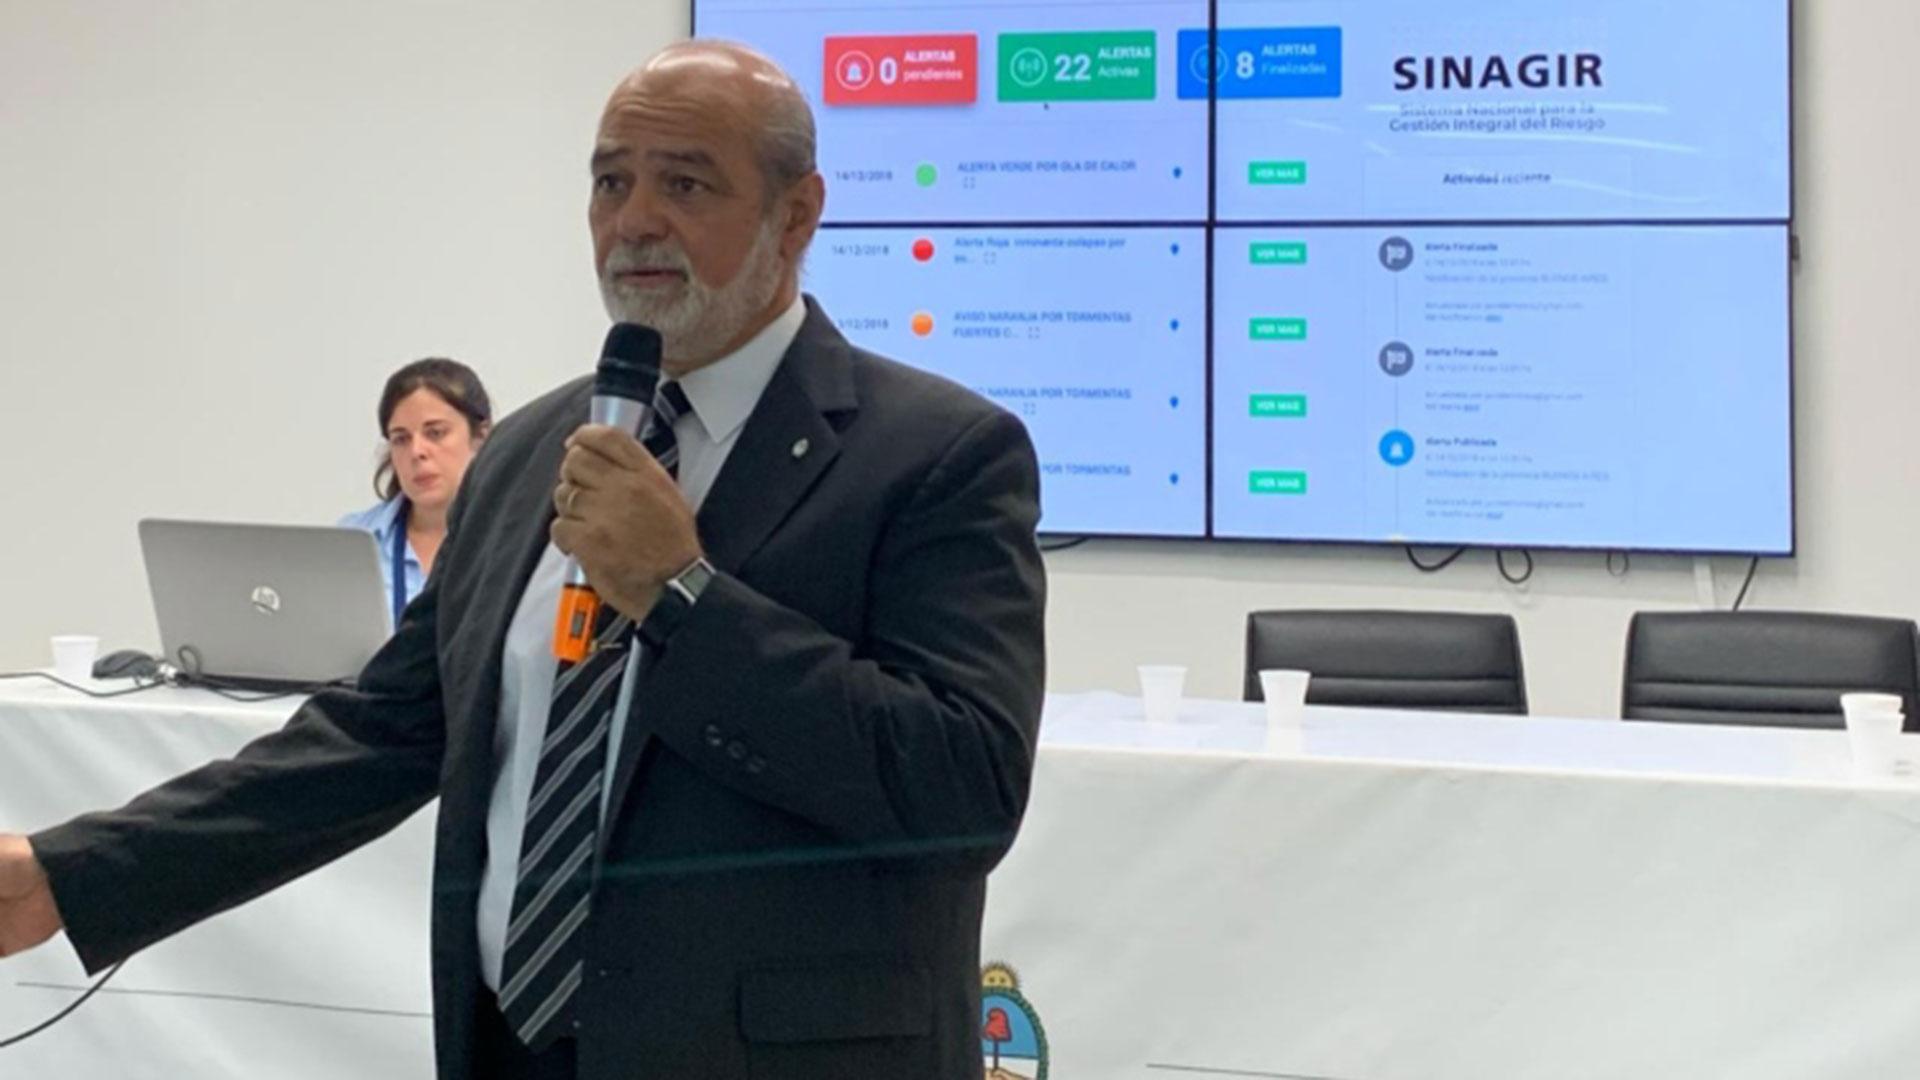 El secretario de Protección Civil, Emilio Renda, durante la presentación de la plataforma digital (Foto: Ministerio de Seguridad)